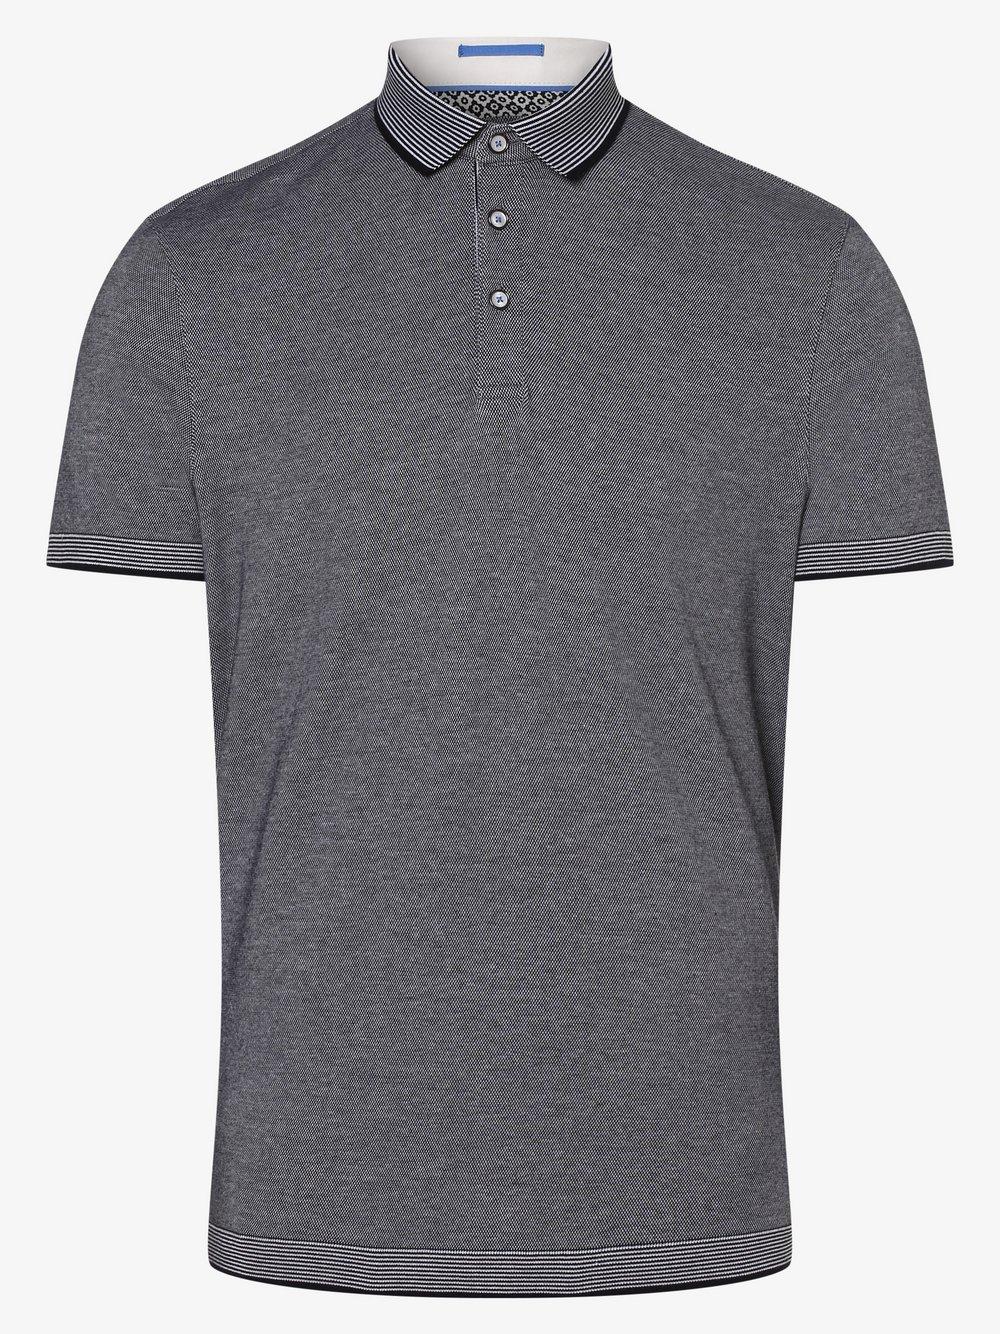 Ted Baker – Męska koszulka polo – Lateone, niebieski Van Graaf 463313-0001